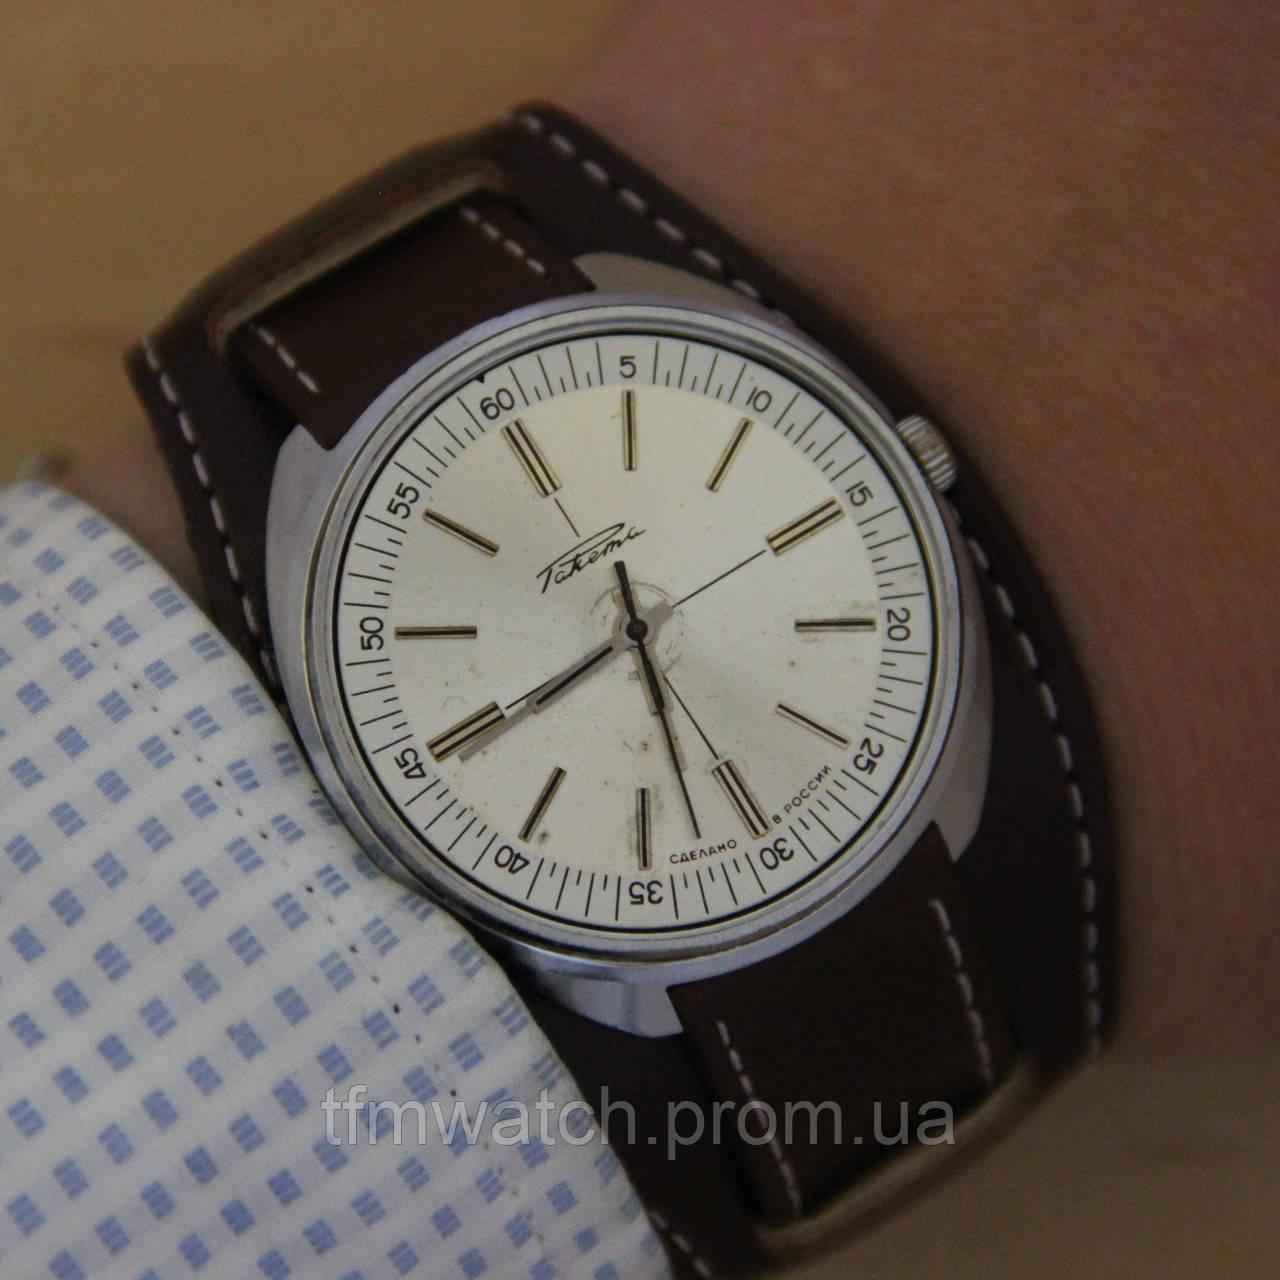 1389941a28a9 Ракета Вернисаж мужские наручные часы - Магазин старинных, винтажных и  антикварных часов TFMwatch в России